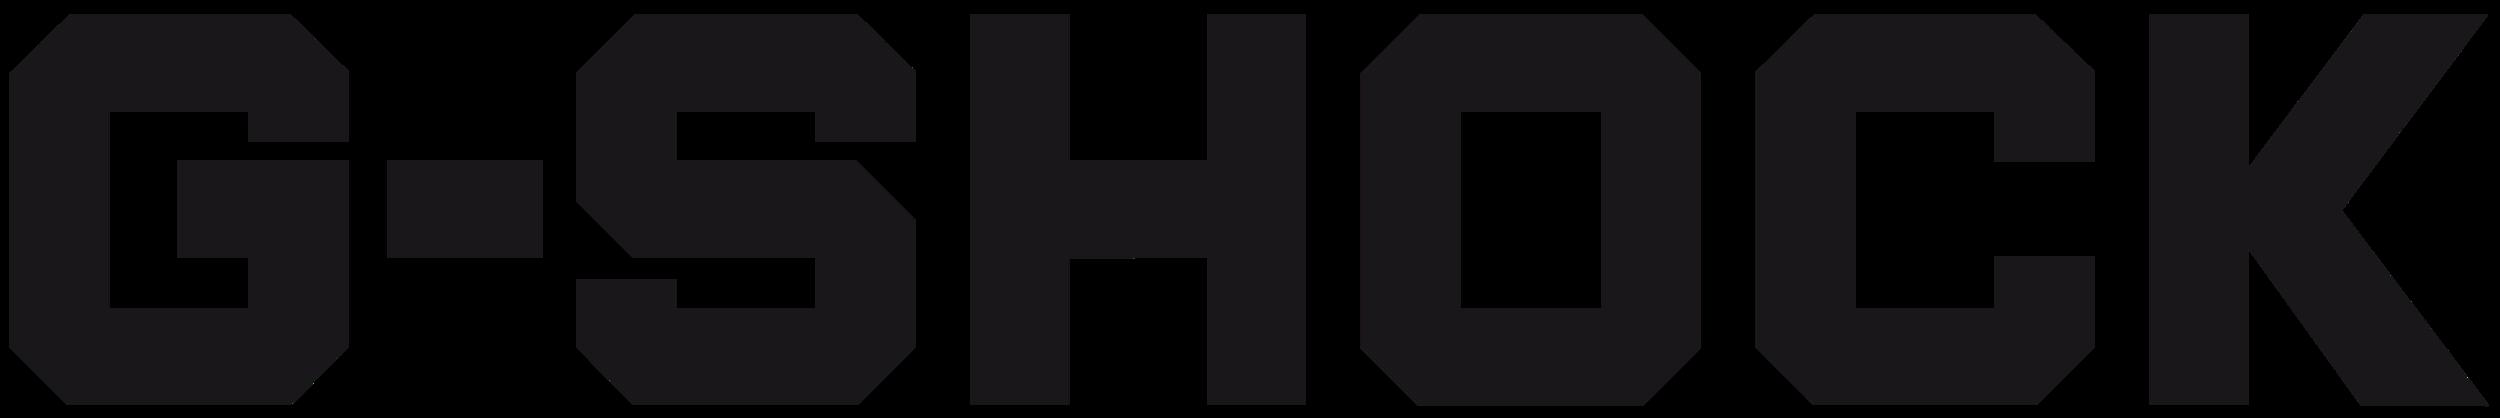 G-Shock_logo.png